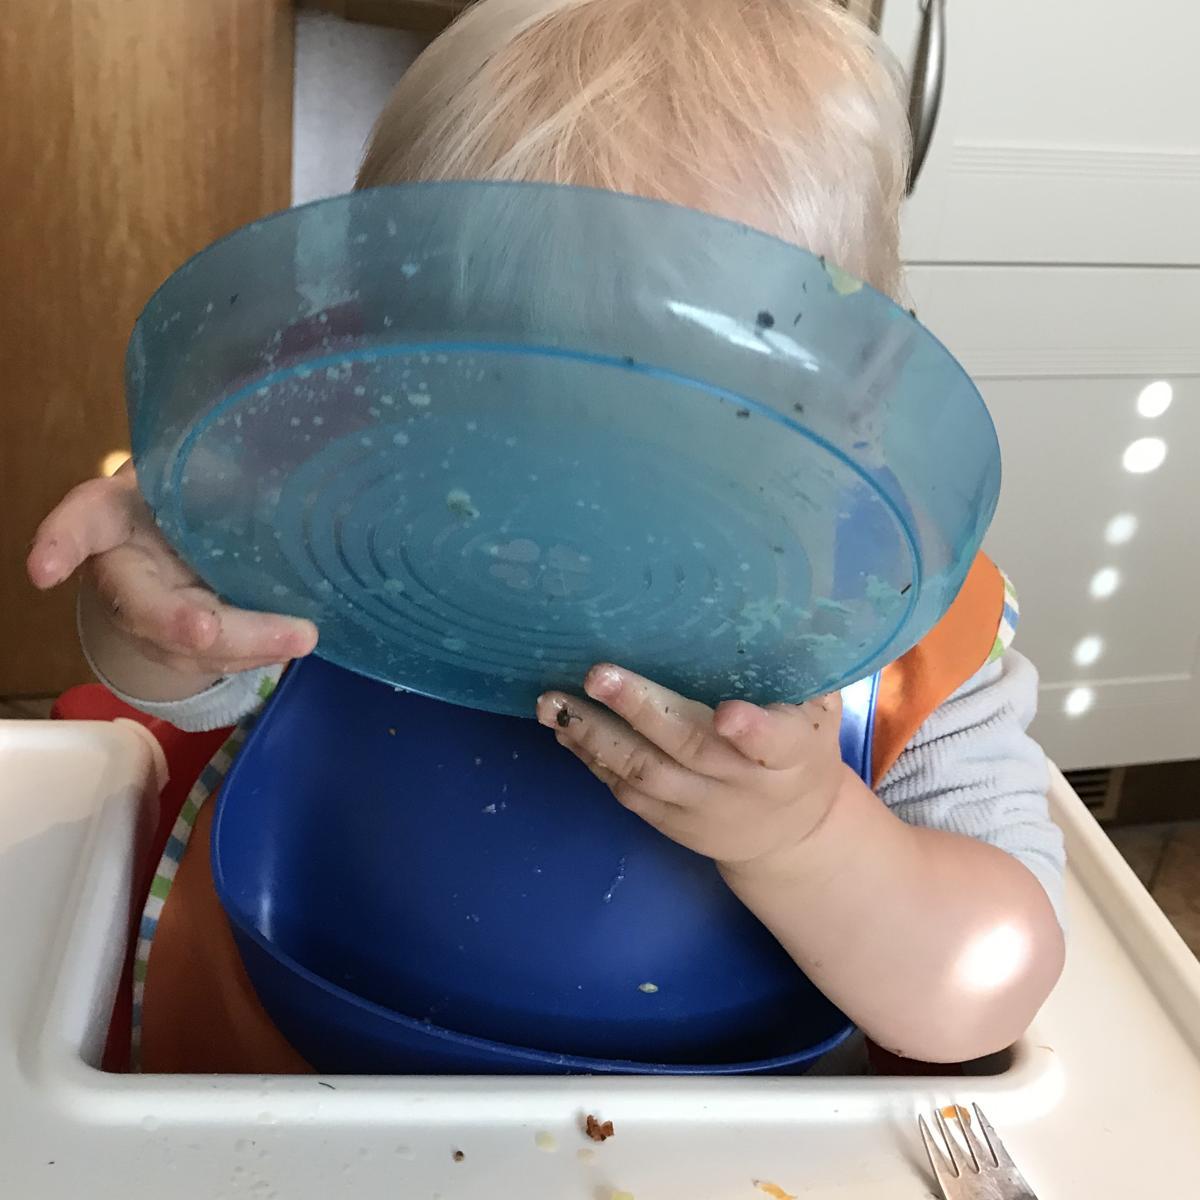 Die 5 Phasen des kindlichen Essverhaltens